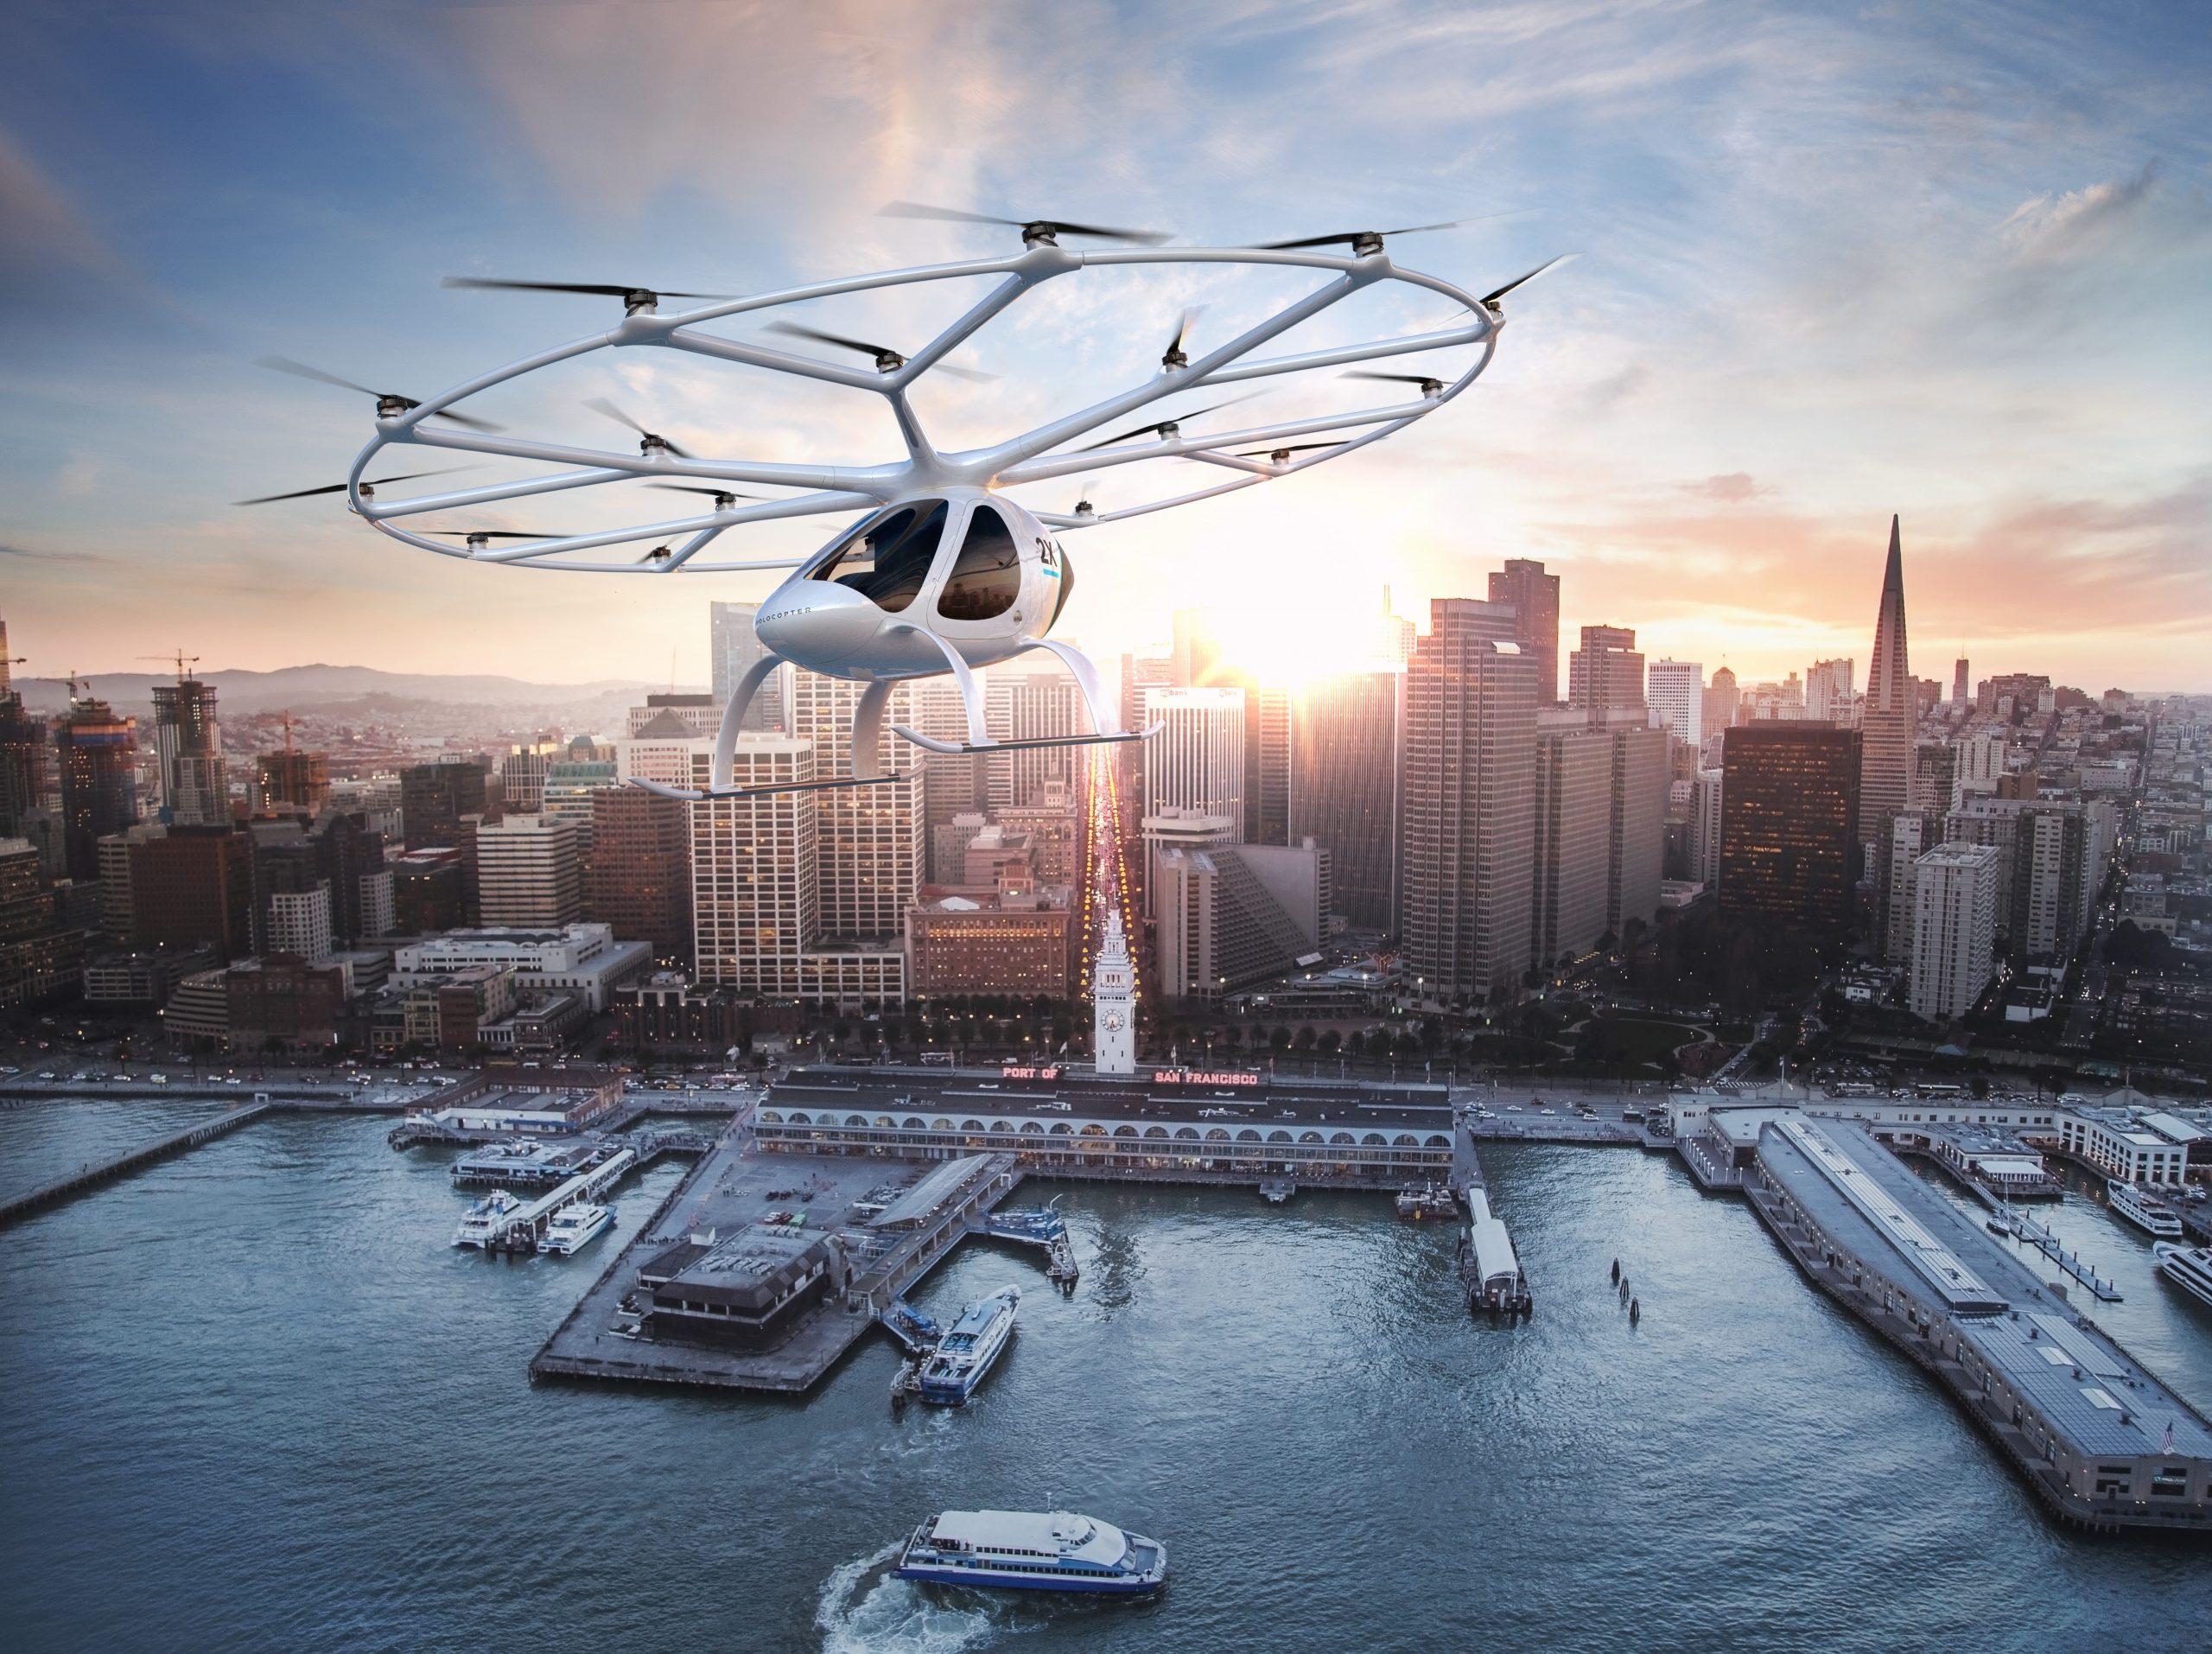 Luft-Taxis könnten schon in wenigen Jahren das Bild größerer Städte prägen – auch oststeirisches Know-how von M&H geht dabei in die Luft (Credit: Government of Dubai).